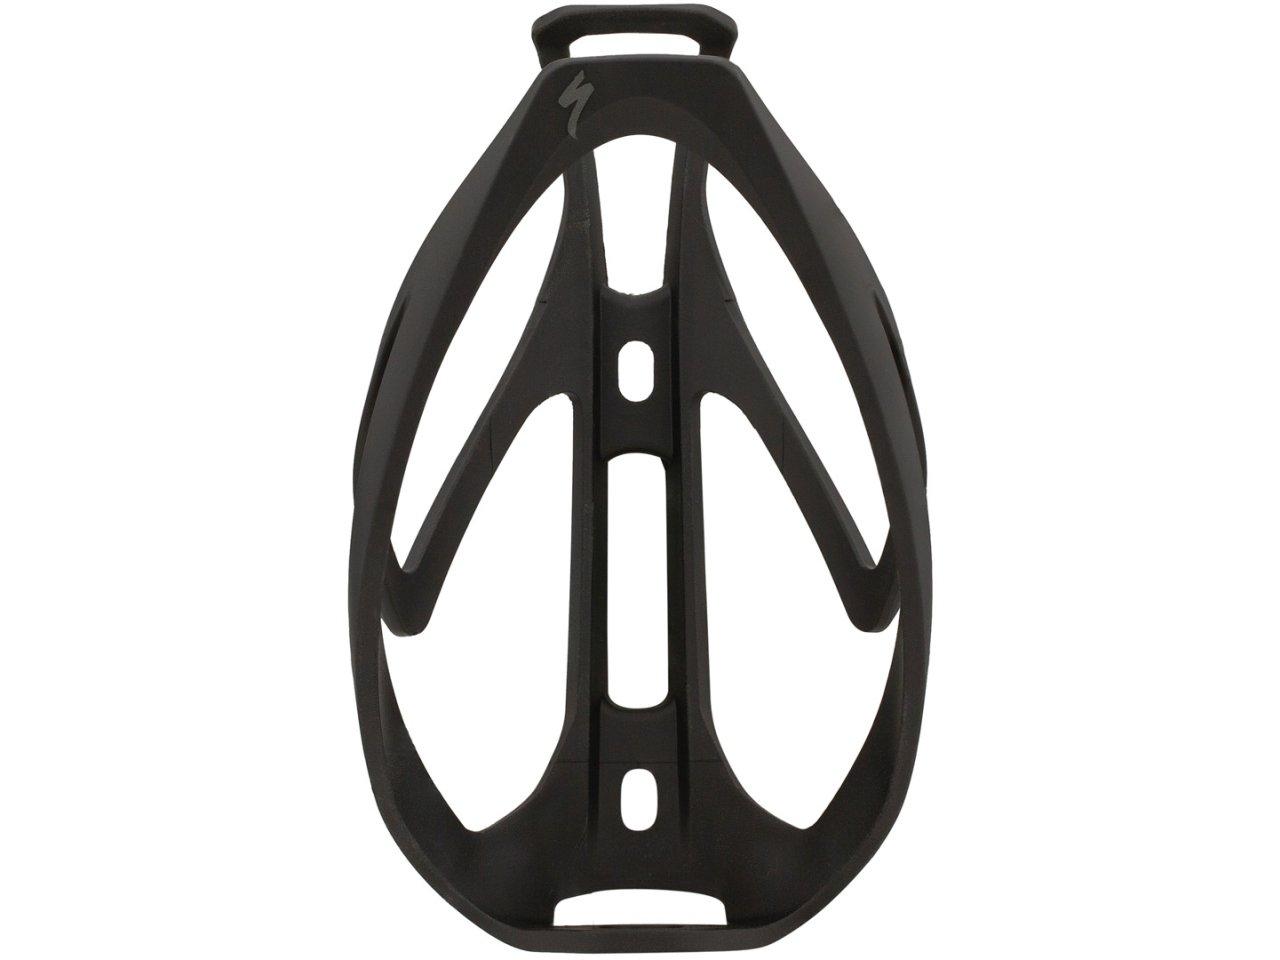 Nouveau Specialized Rib CAGE II Vélo Bouteille d/'eau Cage Noir//Blanc